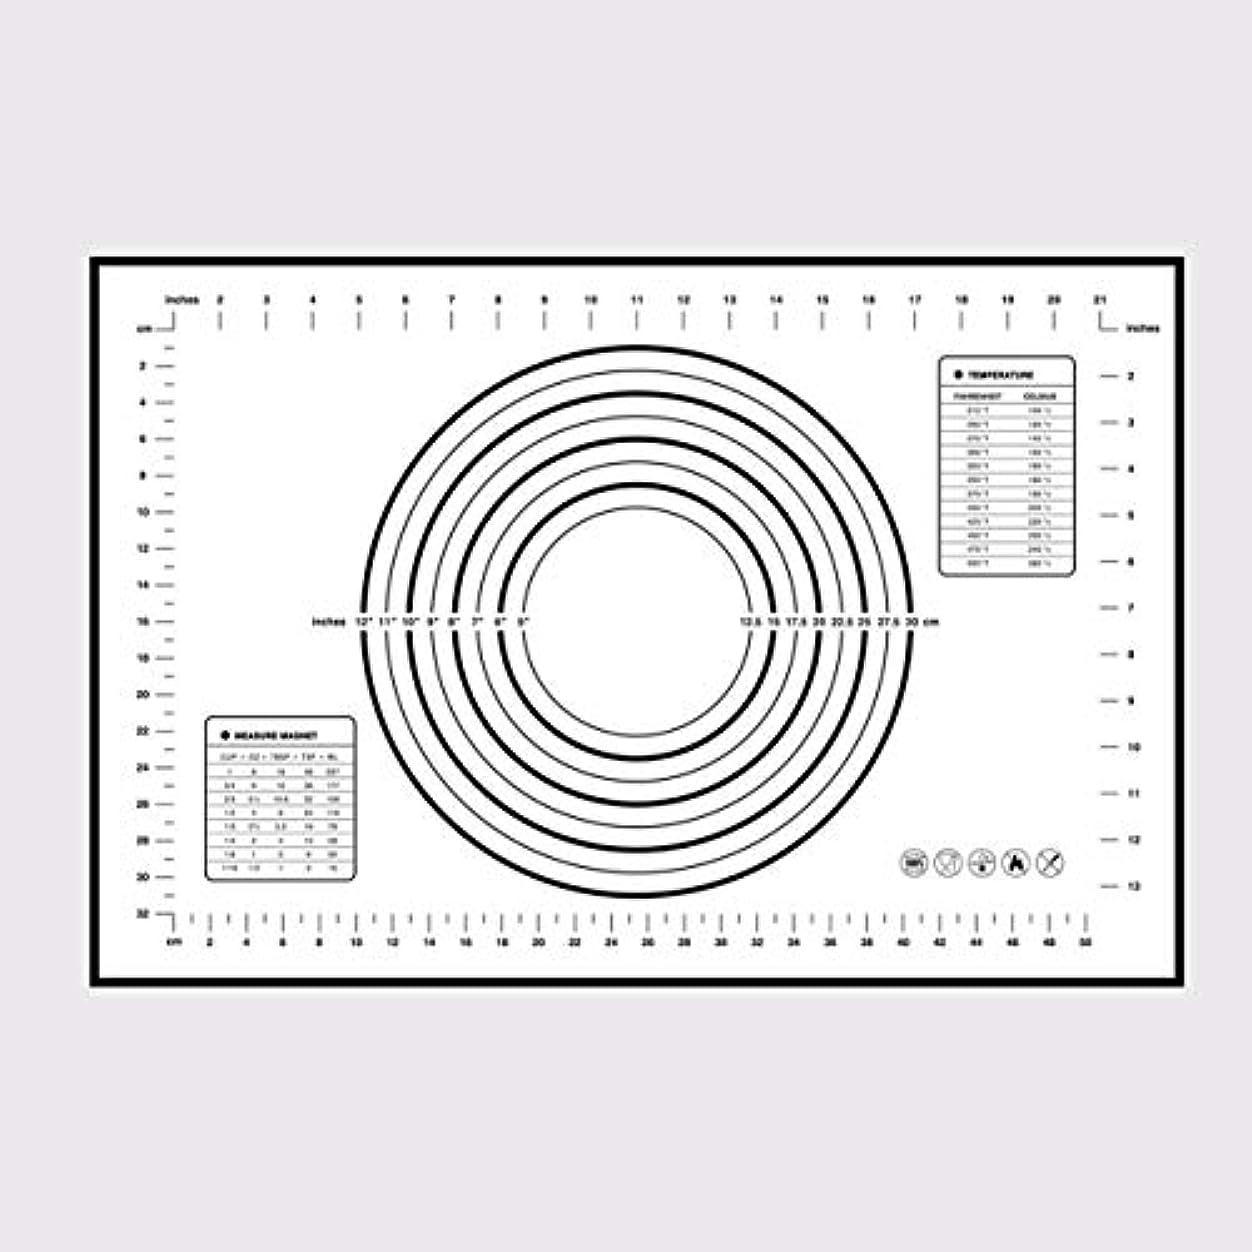 隣人ロイヤリティ肌Saikogoods シリコンベーキングマットピザ生地メーカーペストリーキッチンガジェットクッキングツール食器耐熱皿混練アクセサリー